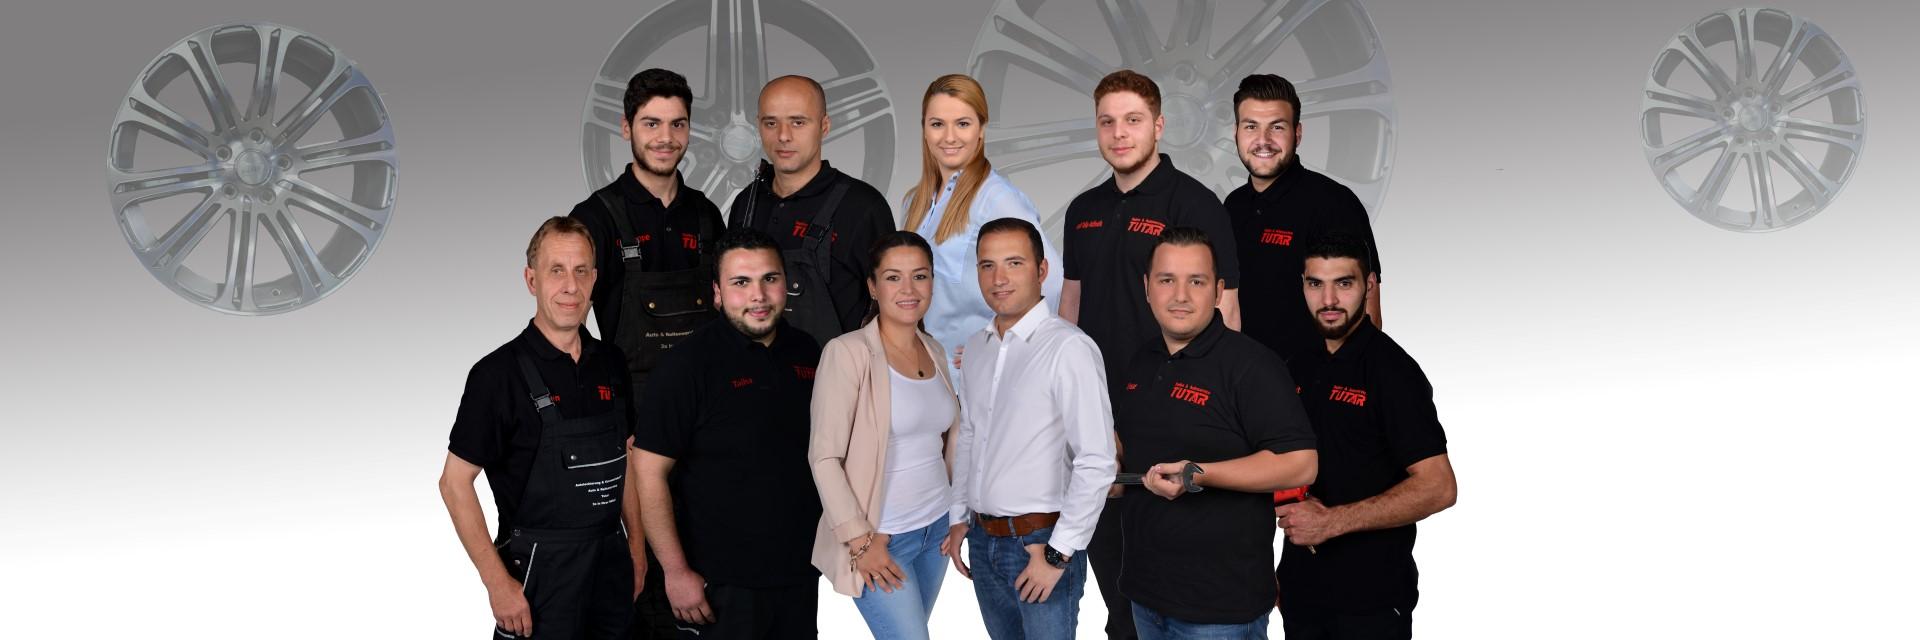 Tutar_Teamfoto_20112017